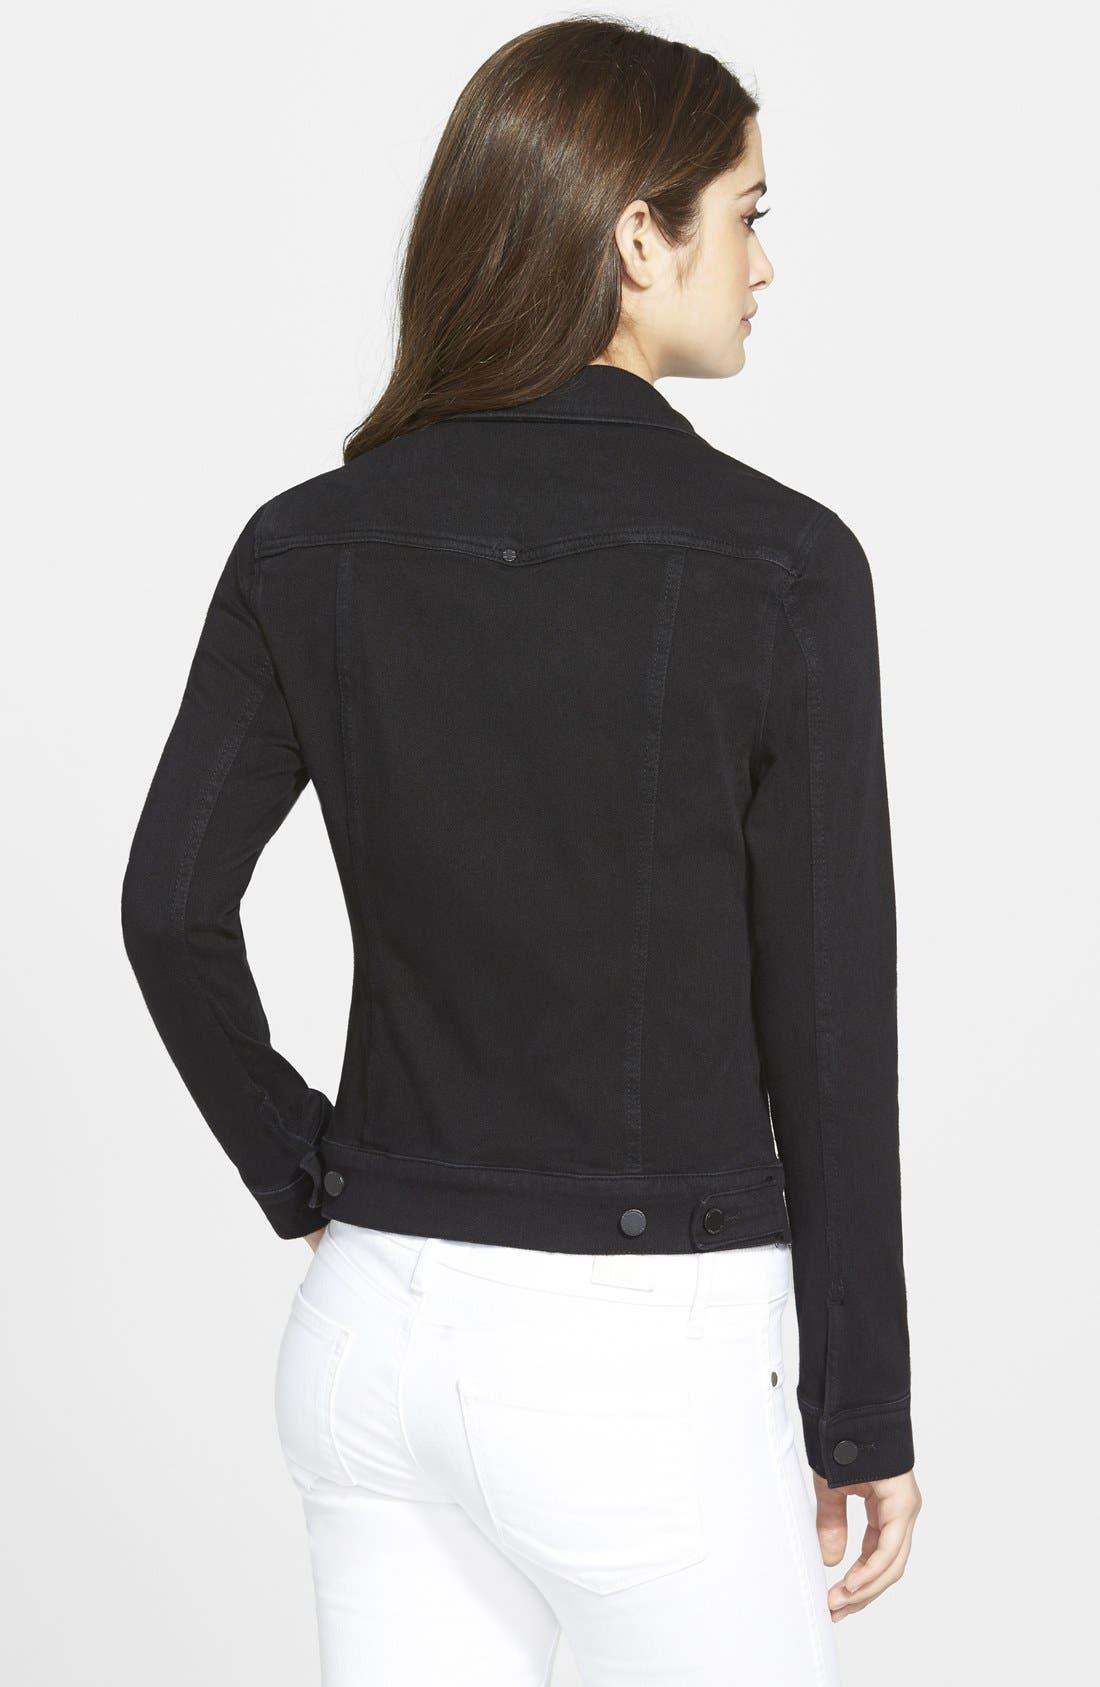 Jeans Co. Knit Denim Jacket,                             Alternate thumbnail 8, color,                             001